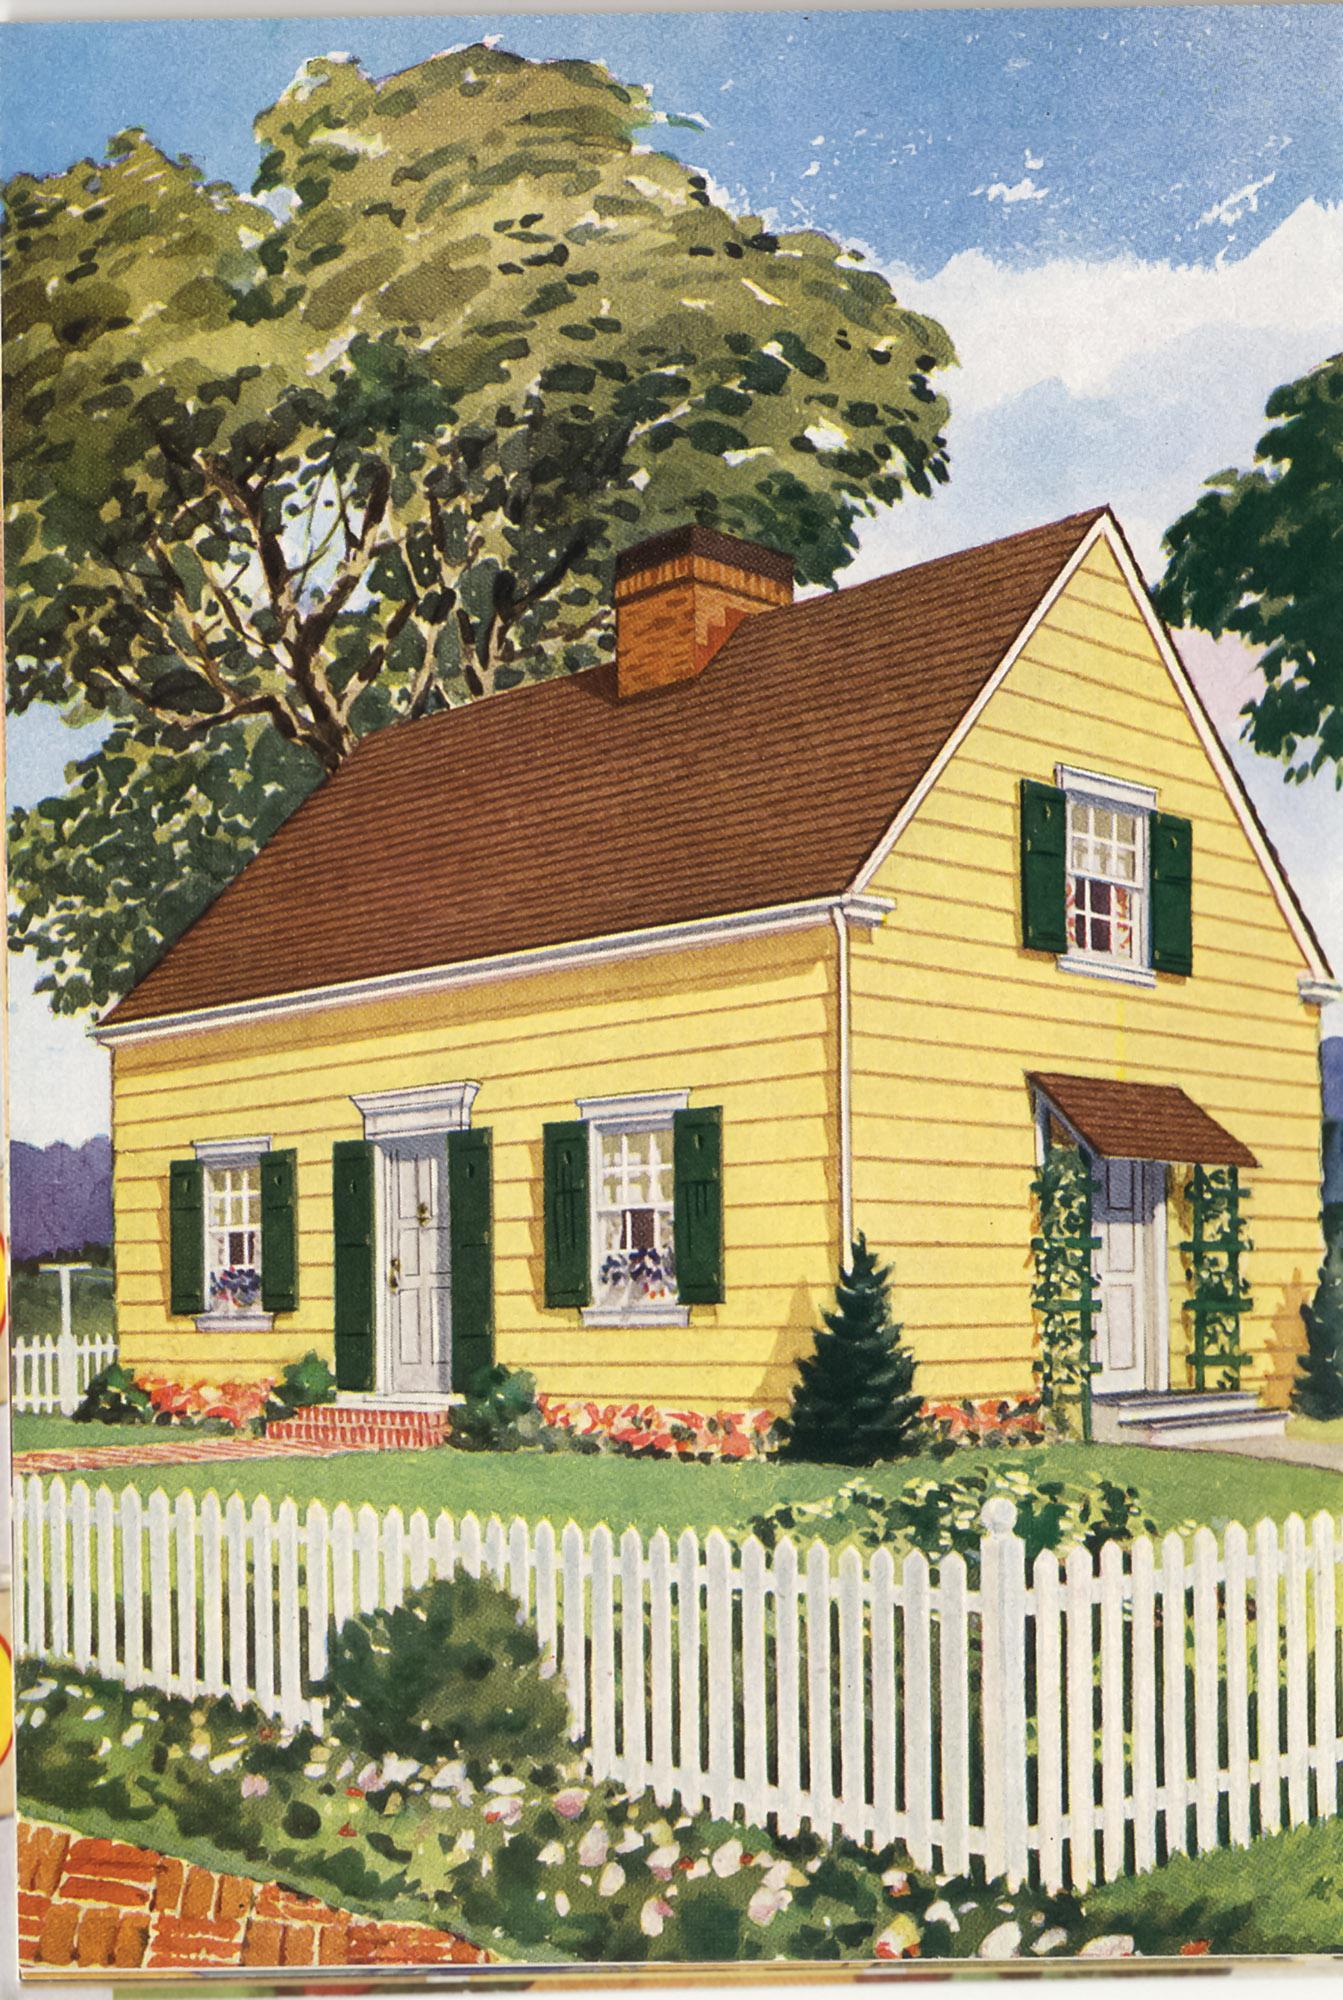 Cape Cod House Colors : house, colors, Exterior, Colors, House, Journal, Magazine